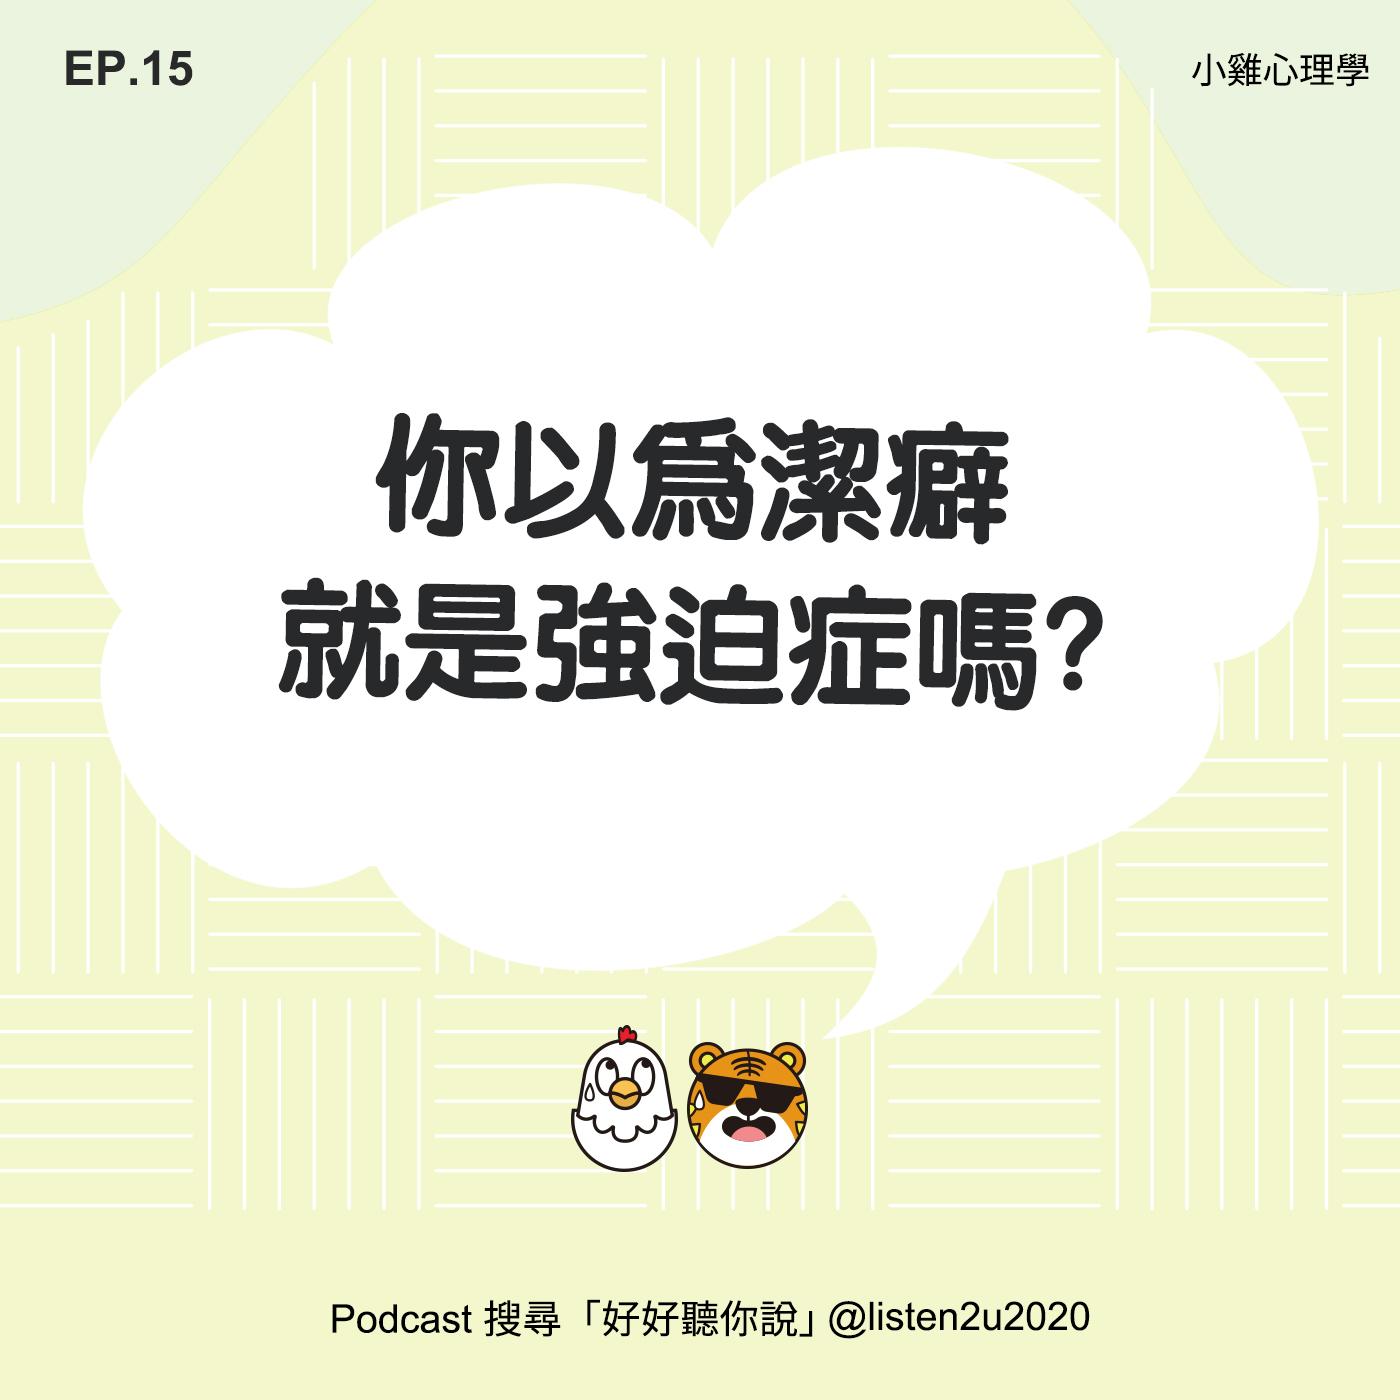 EP.15 [小雞心理學] - 你以為潔癖就是強迫症嗎?